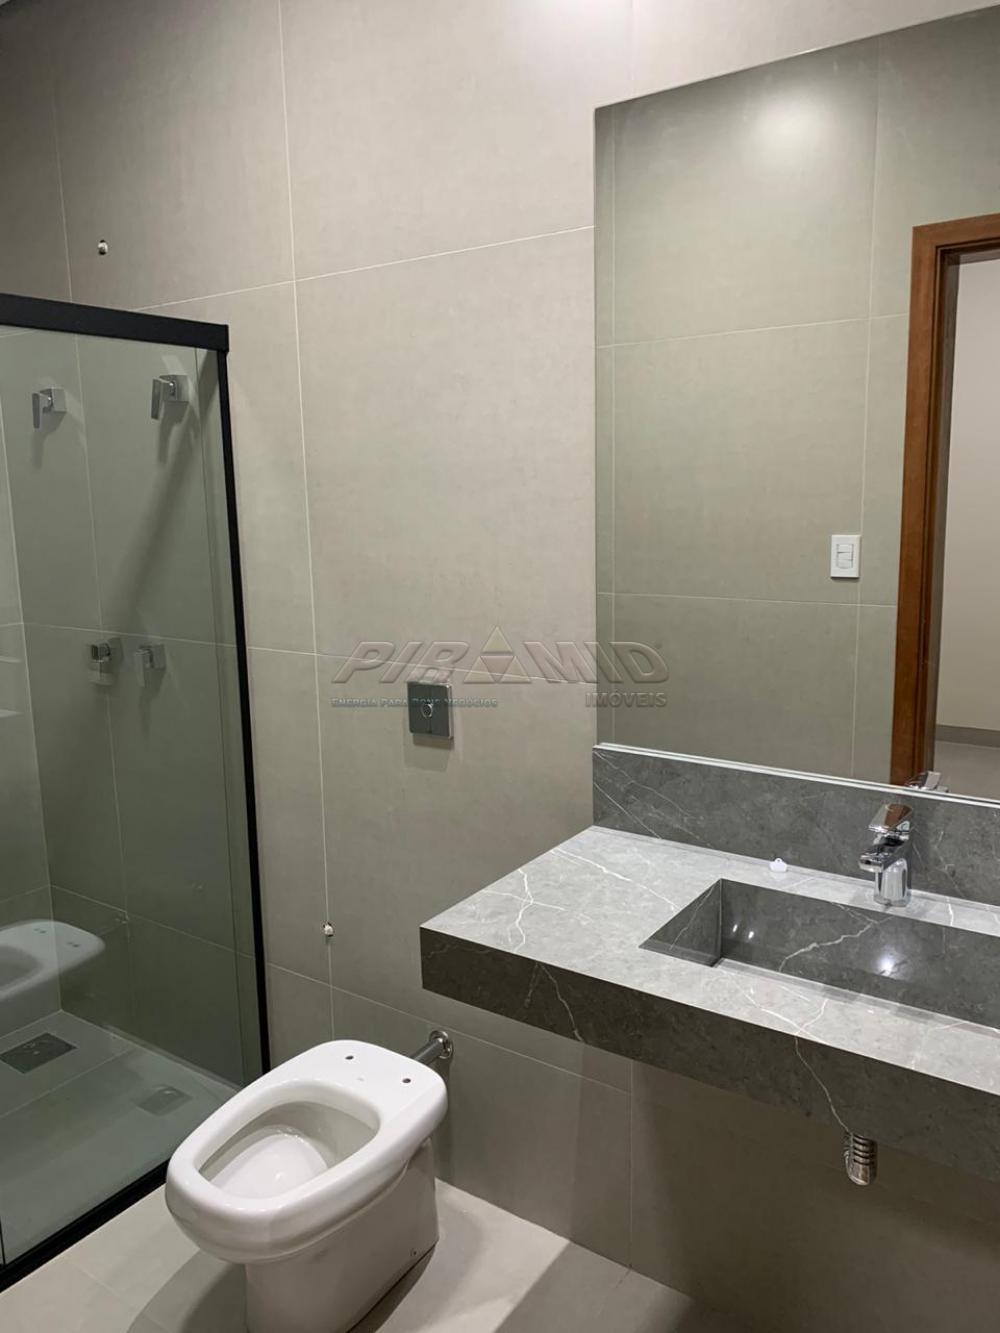 Comprar Casa / Condomínio em Ribeirão Preto apenas R$ 1.090.000,00 - Foto 12